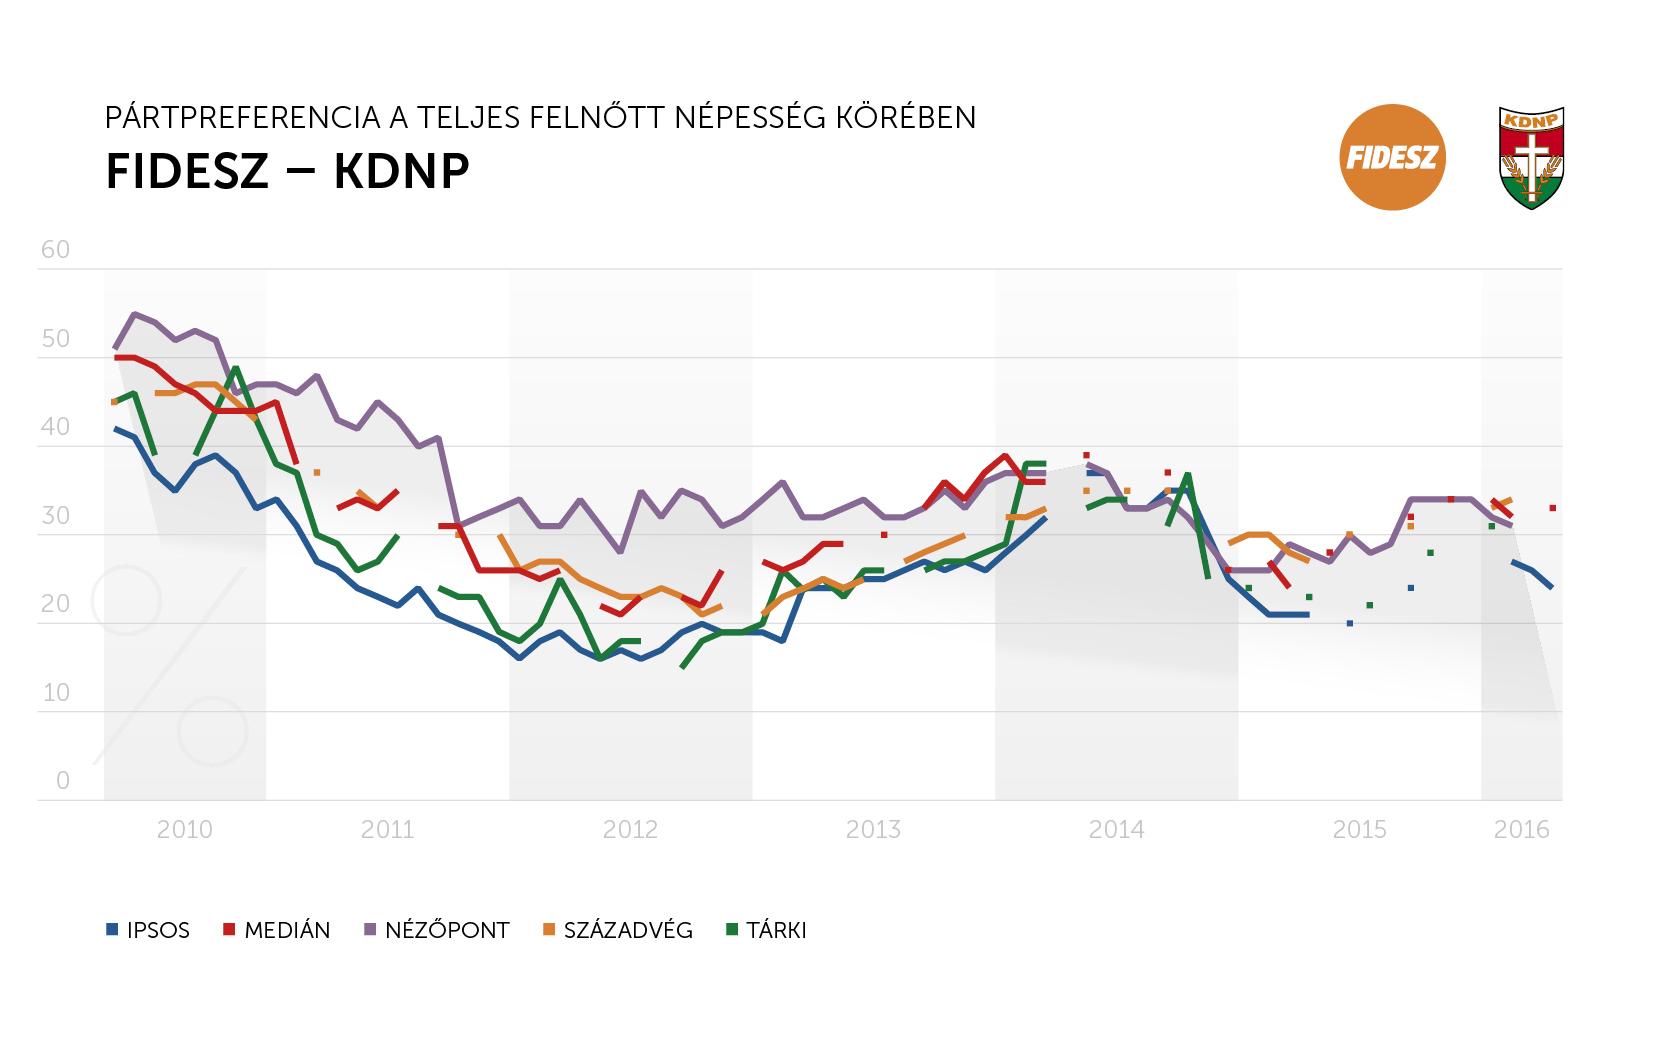 fidesz_kdnp_osszes